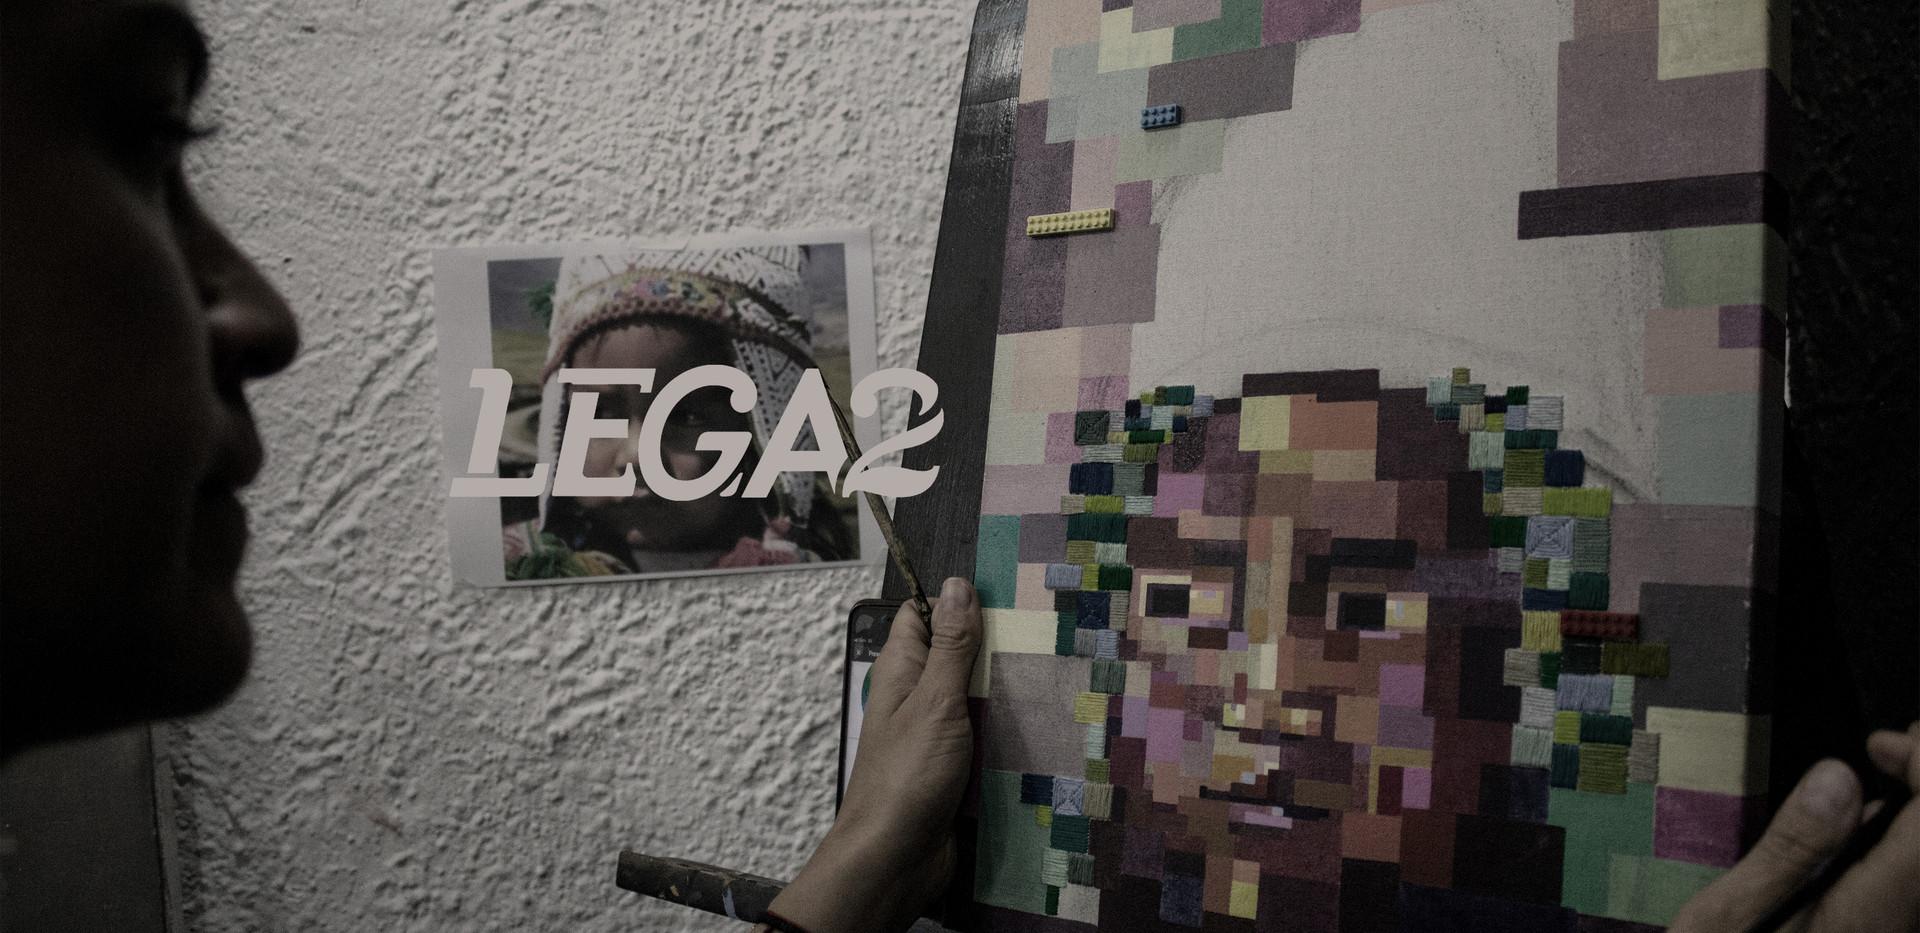 estudiantes 13 Lega2.jpg